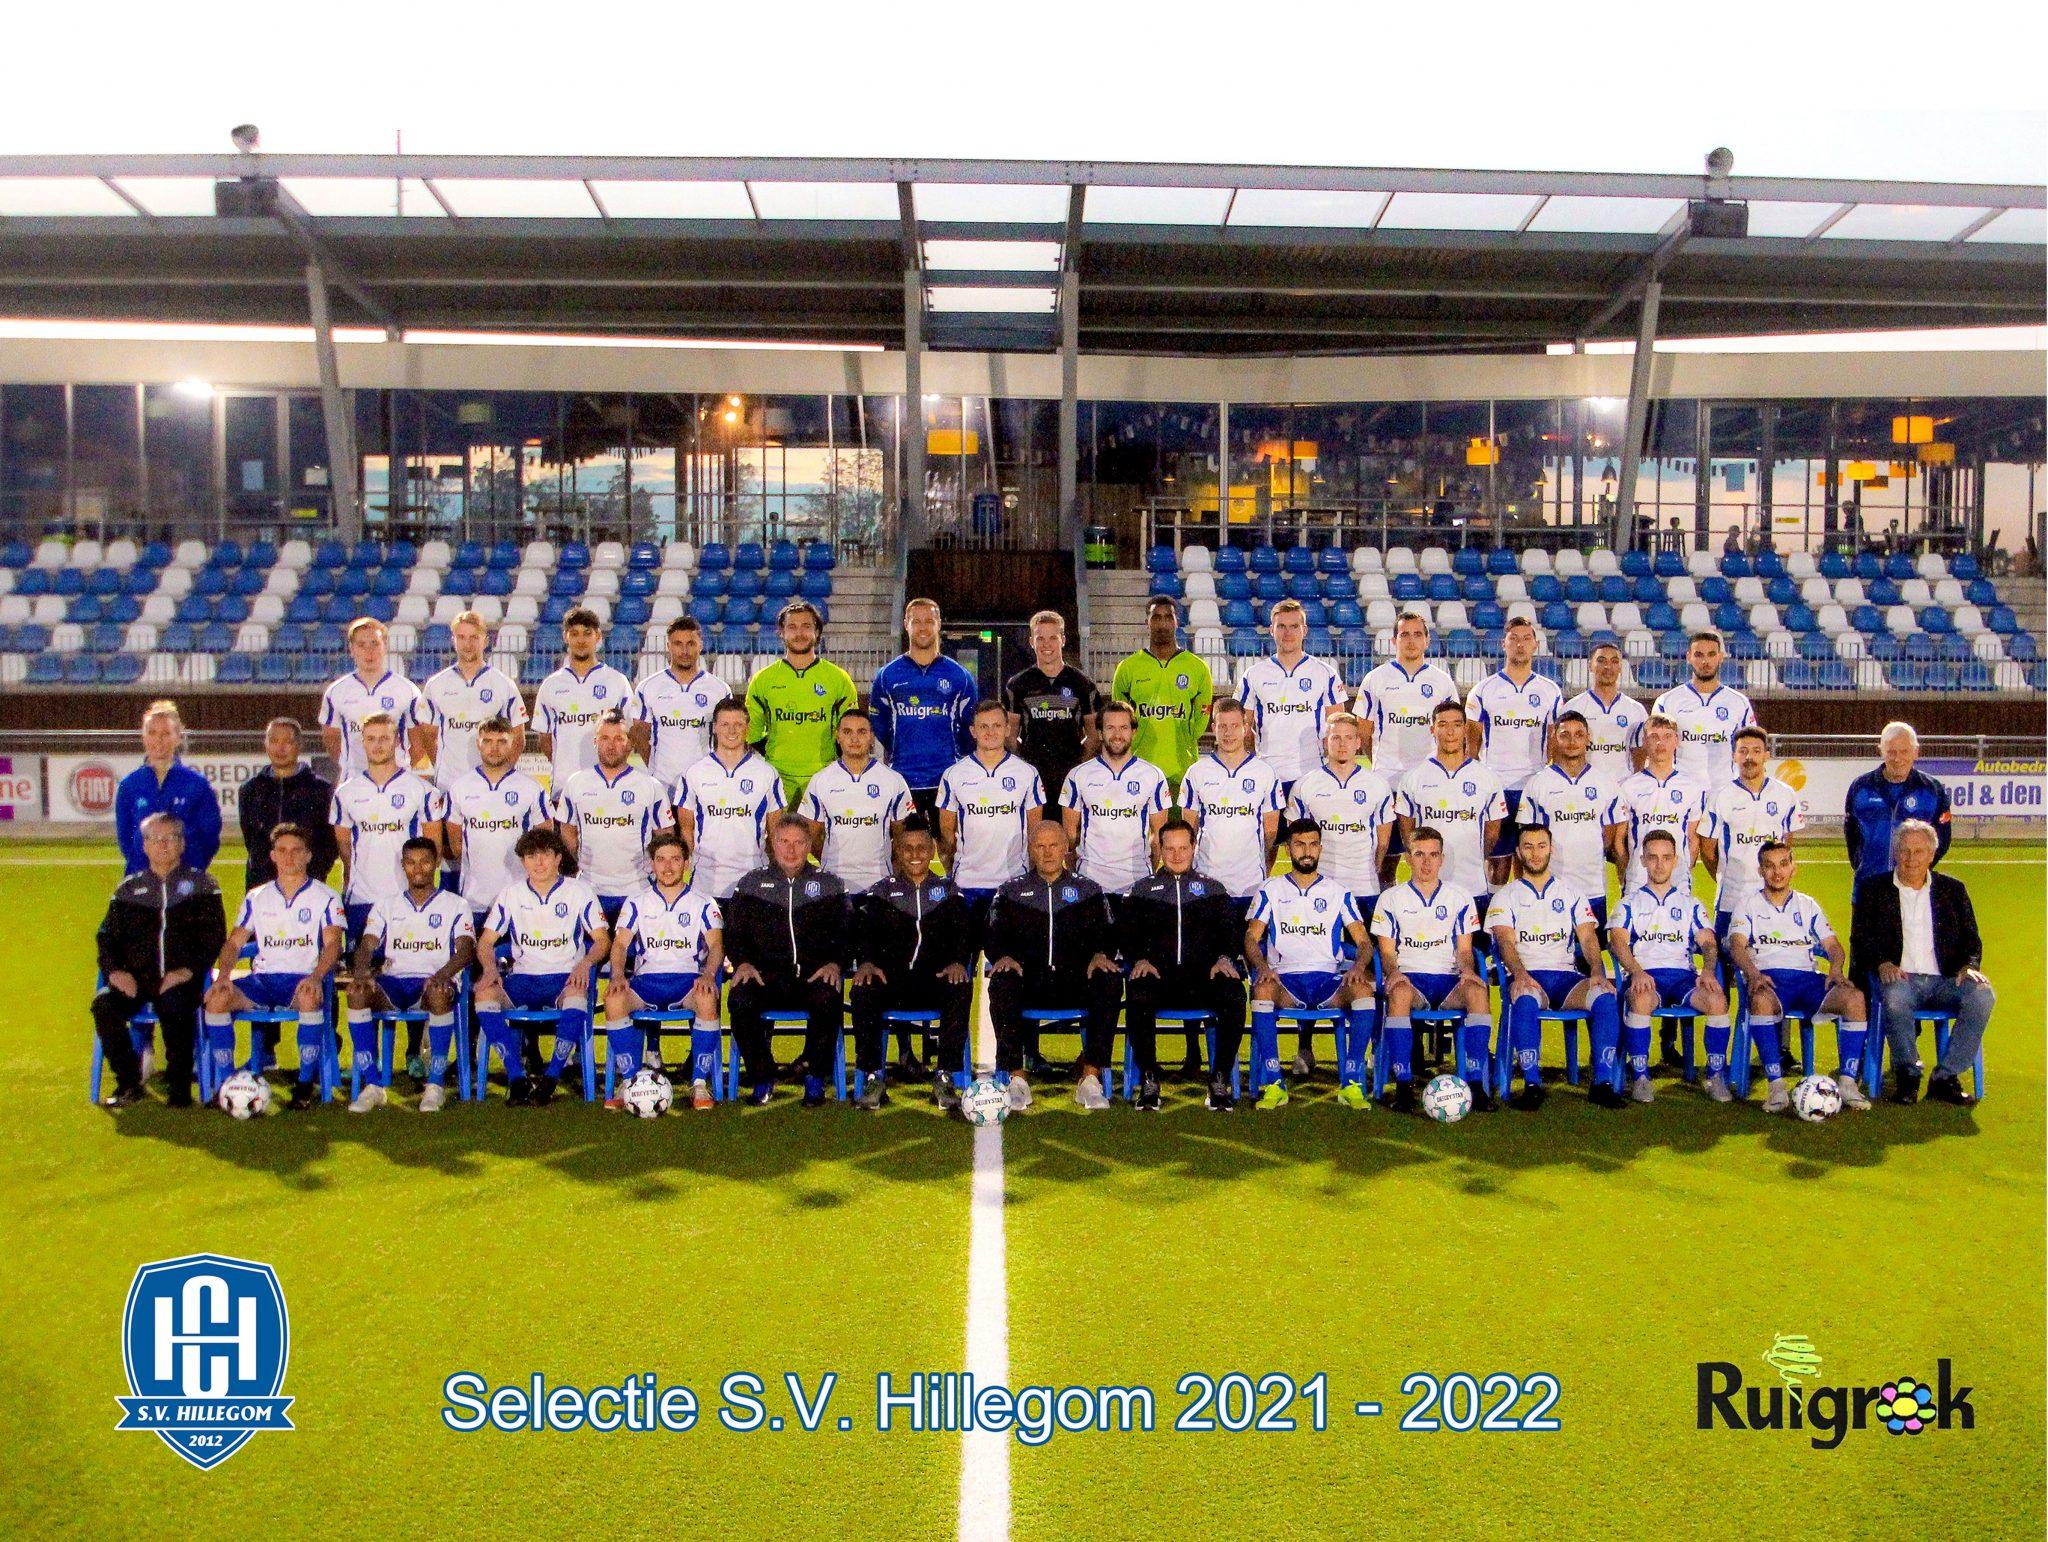 De selectie seizoen 2021-2022